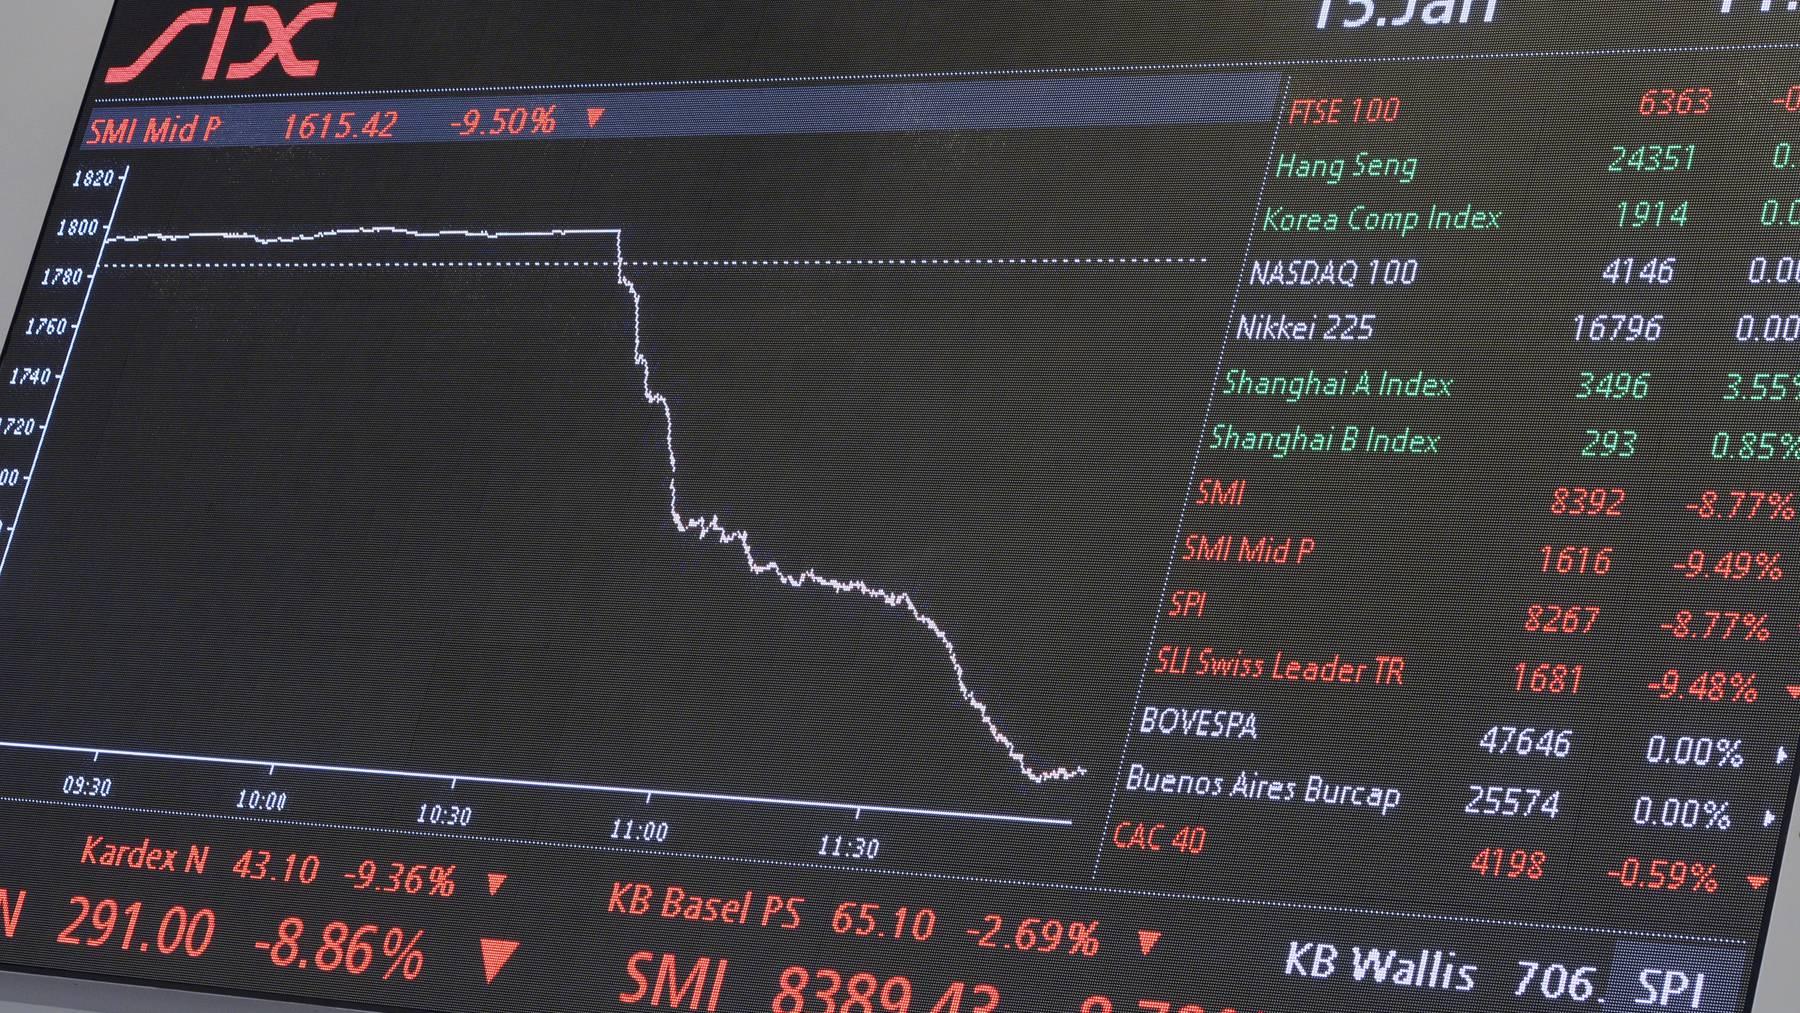 Die Kurse an den Finanzmärkten purzeln weiter. Auch der SMI fiel heute unter die Marke von 8000 Punkten.